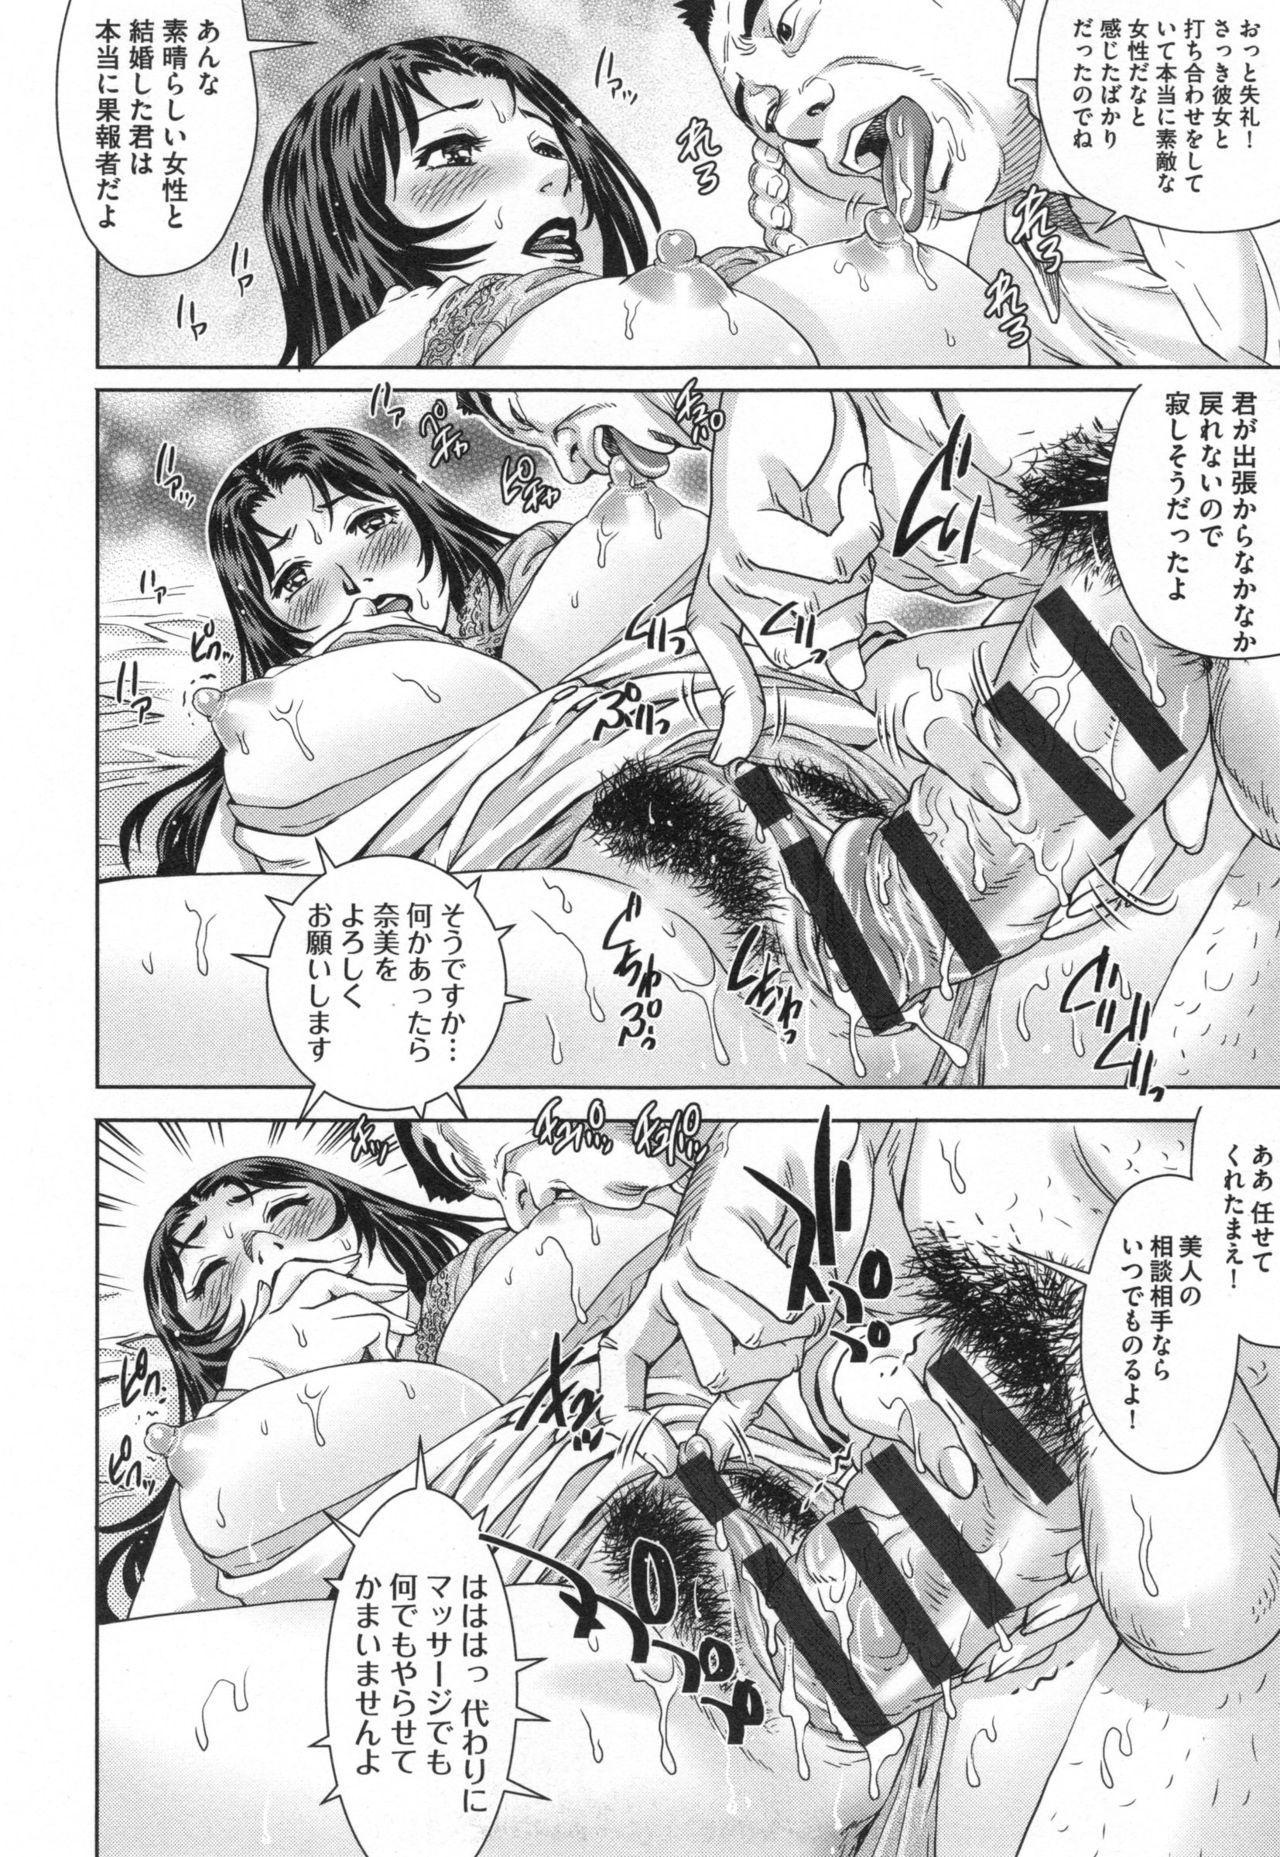 Netorare Aiganzuma 116